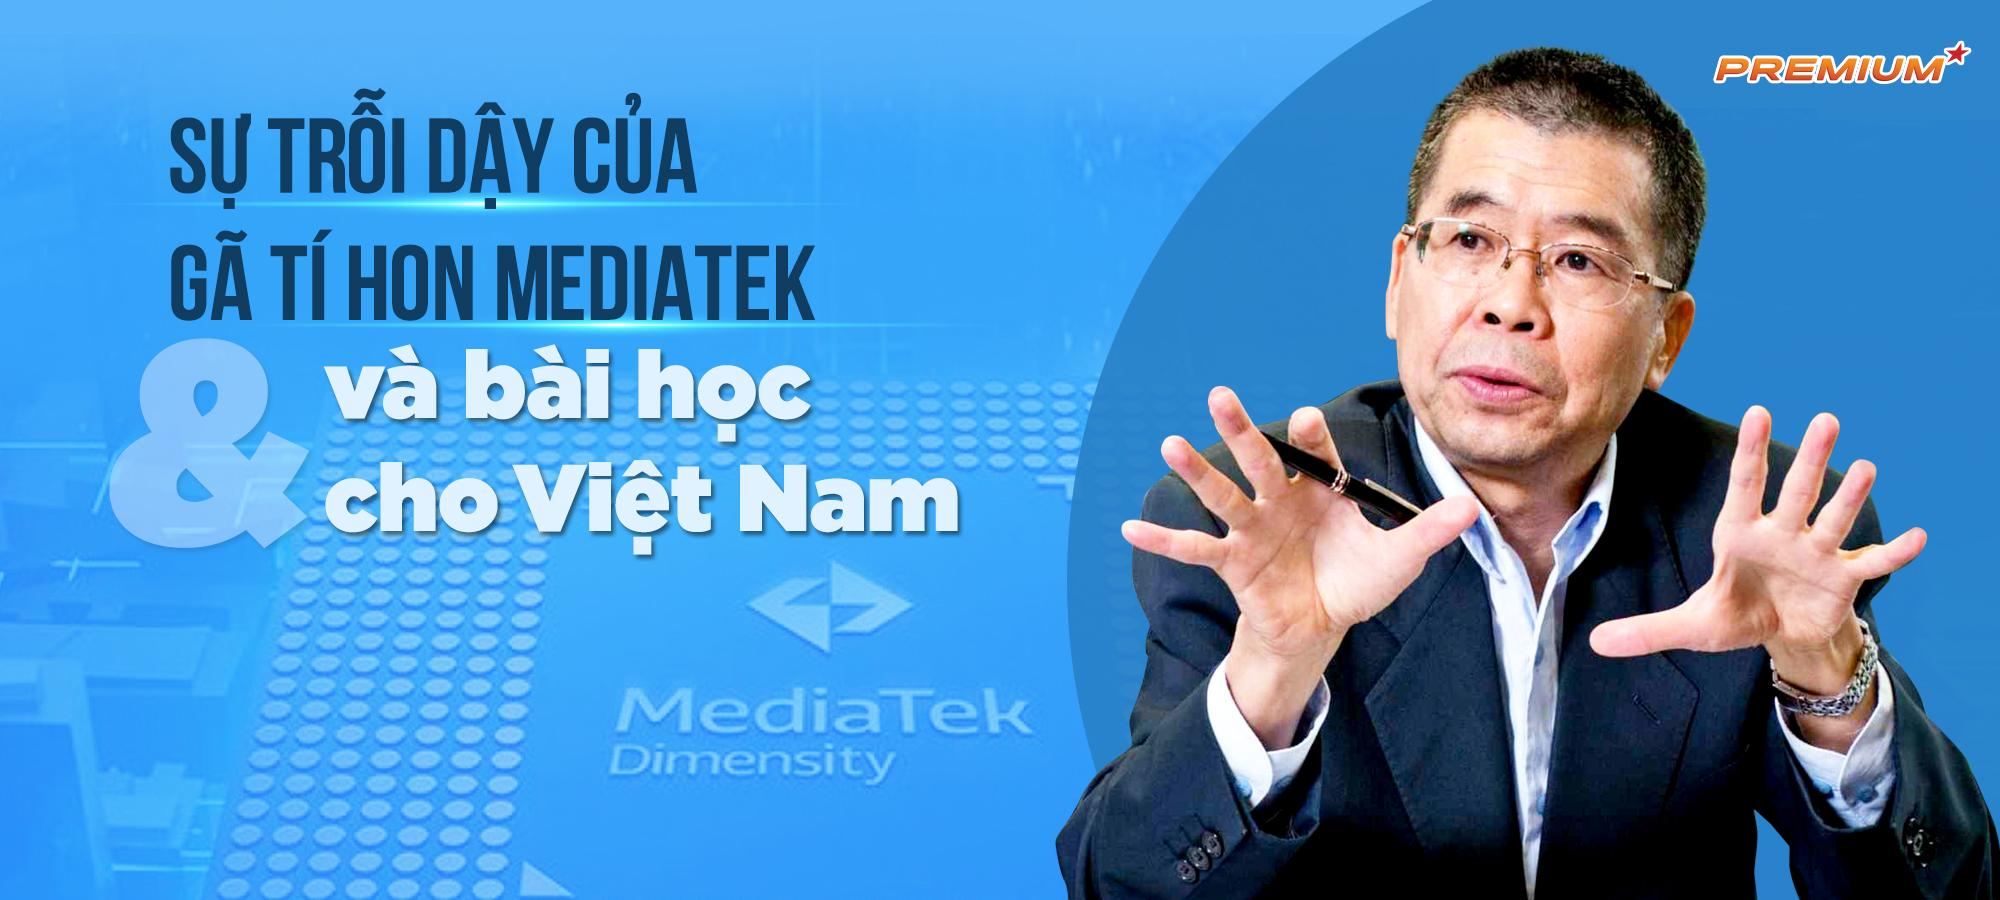 Sự trỗi dậy của gã tí hon MediaTek và bài học cho Việt Nam